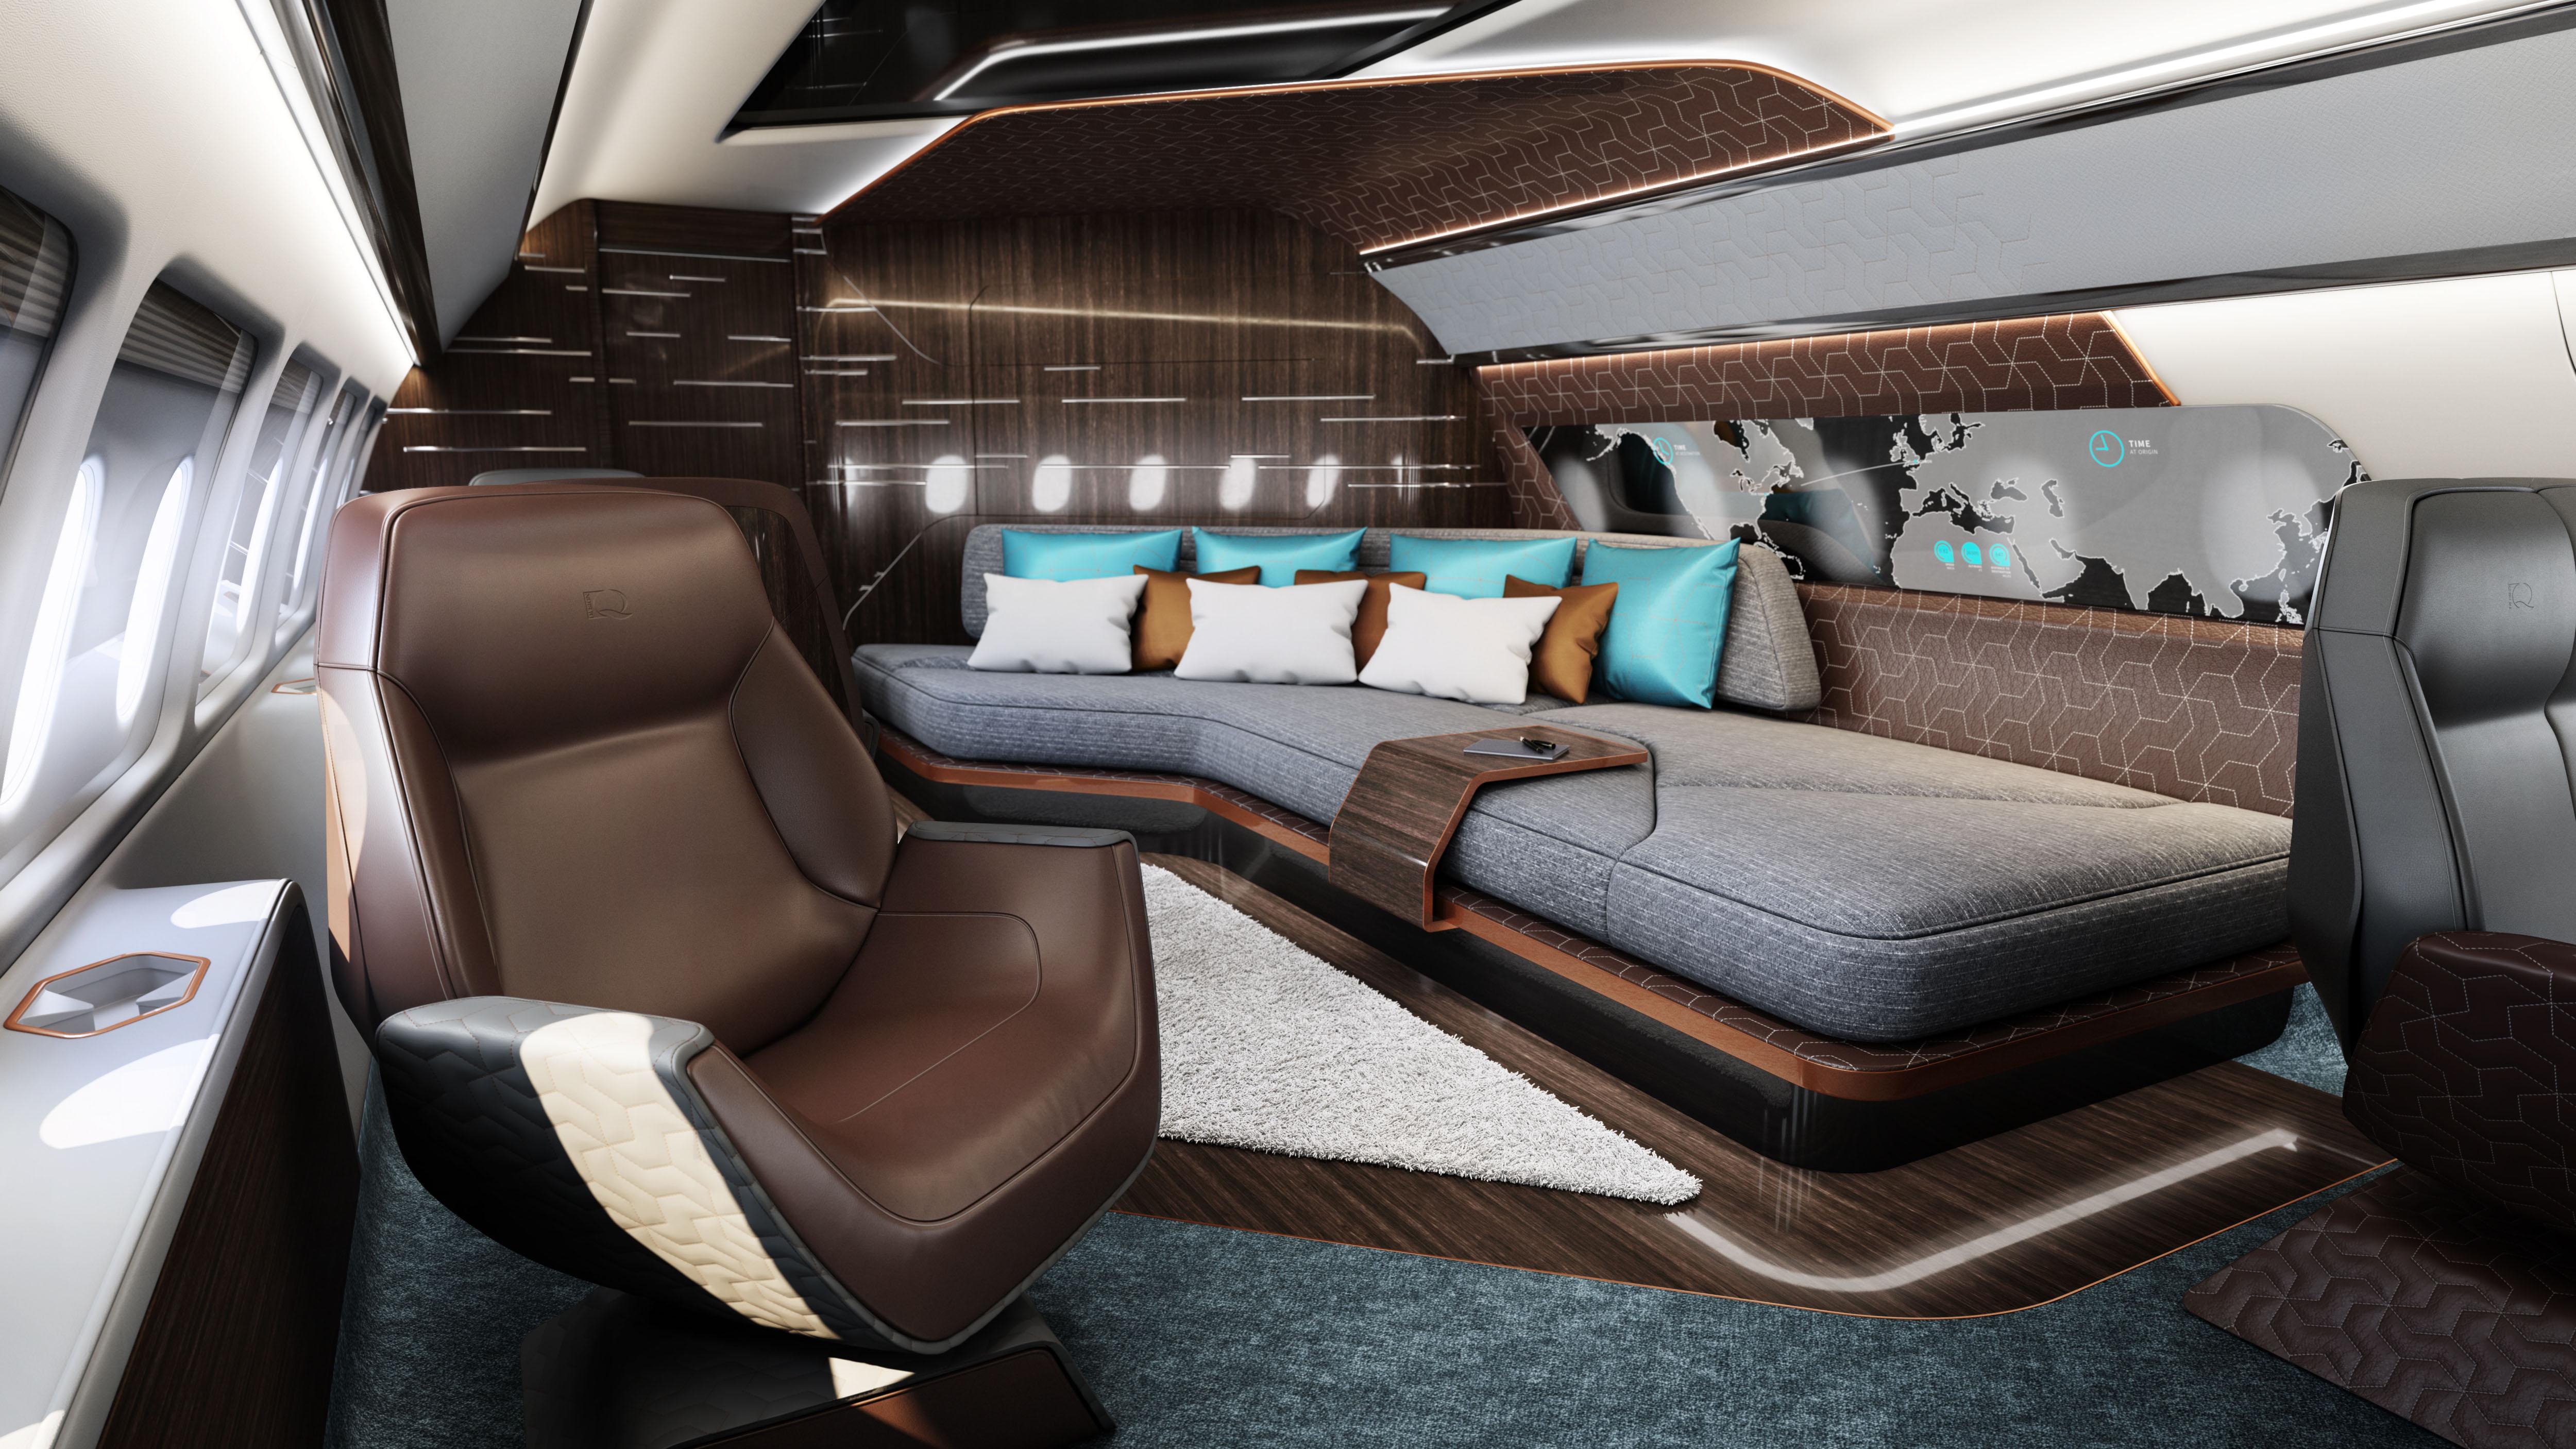 Design Q and Comlux Business Jet Interiors Airbus Boeing